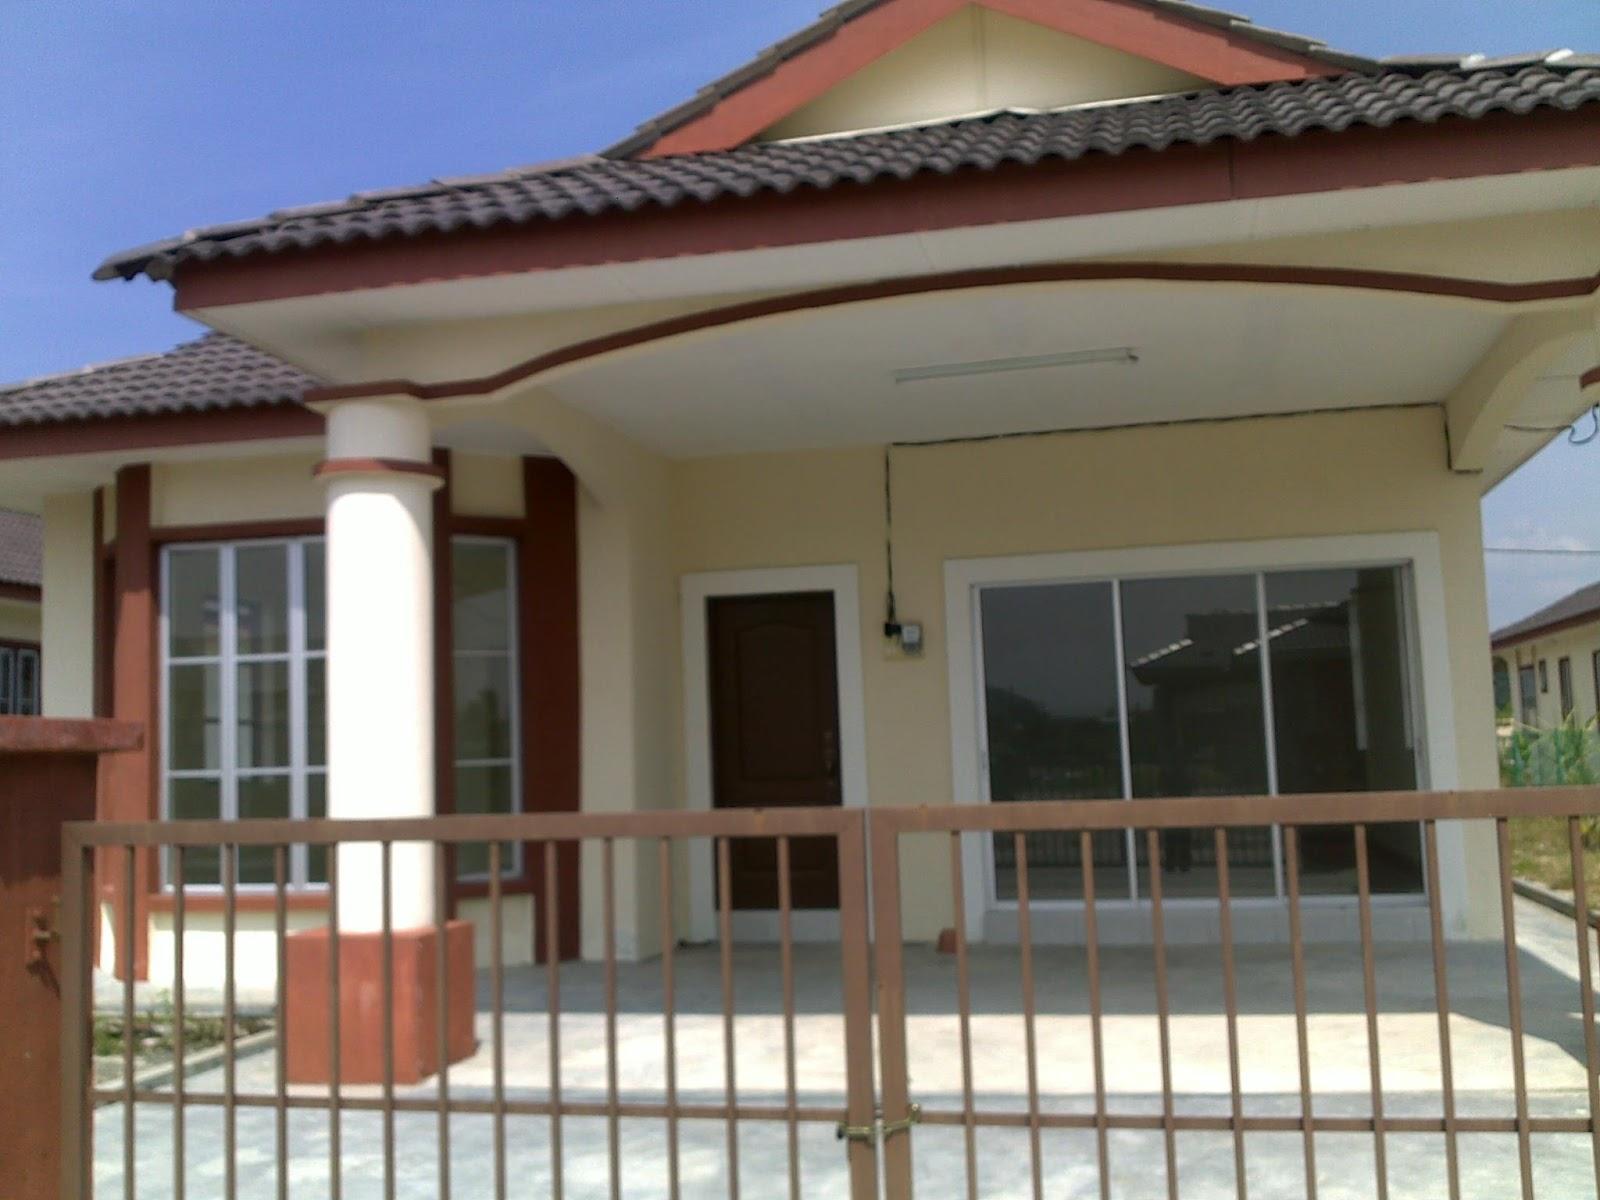 Rumah Banglo Satu Tingkat Di Batu Gajah Perak Coretan Anuar